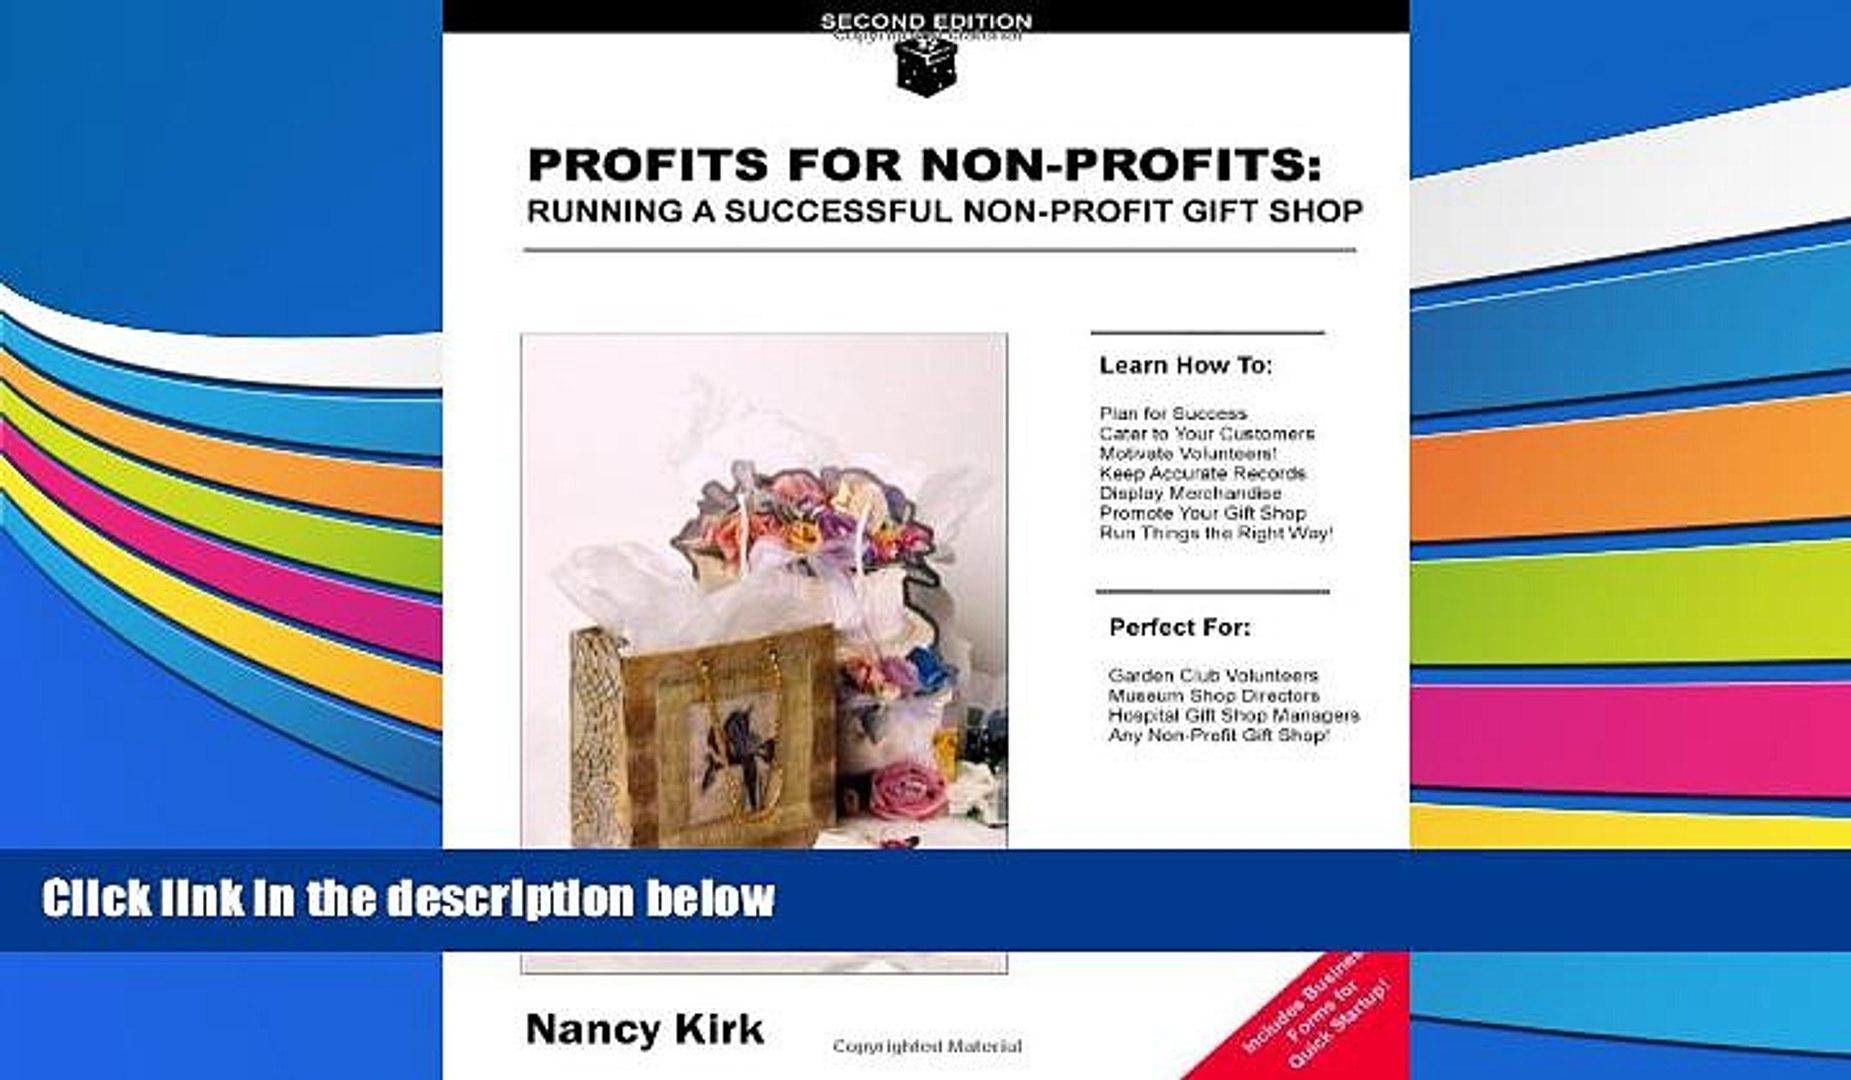 Read  Profits for Non-Profits: Running a Successful Non-Profit Gift Shop  Ebook READ Ebook